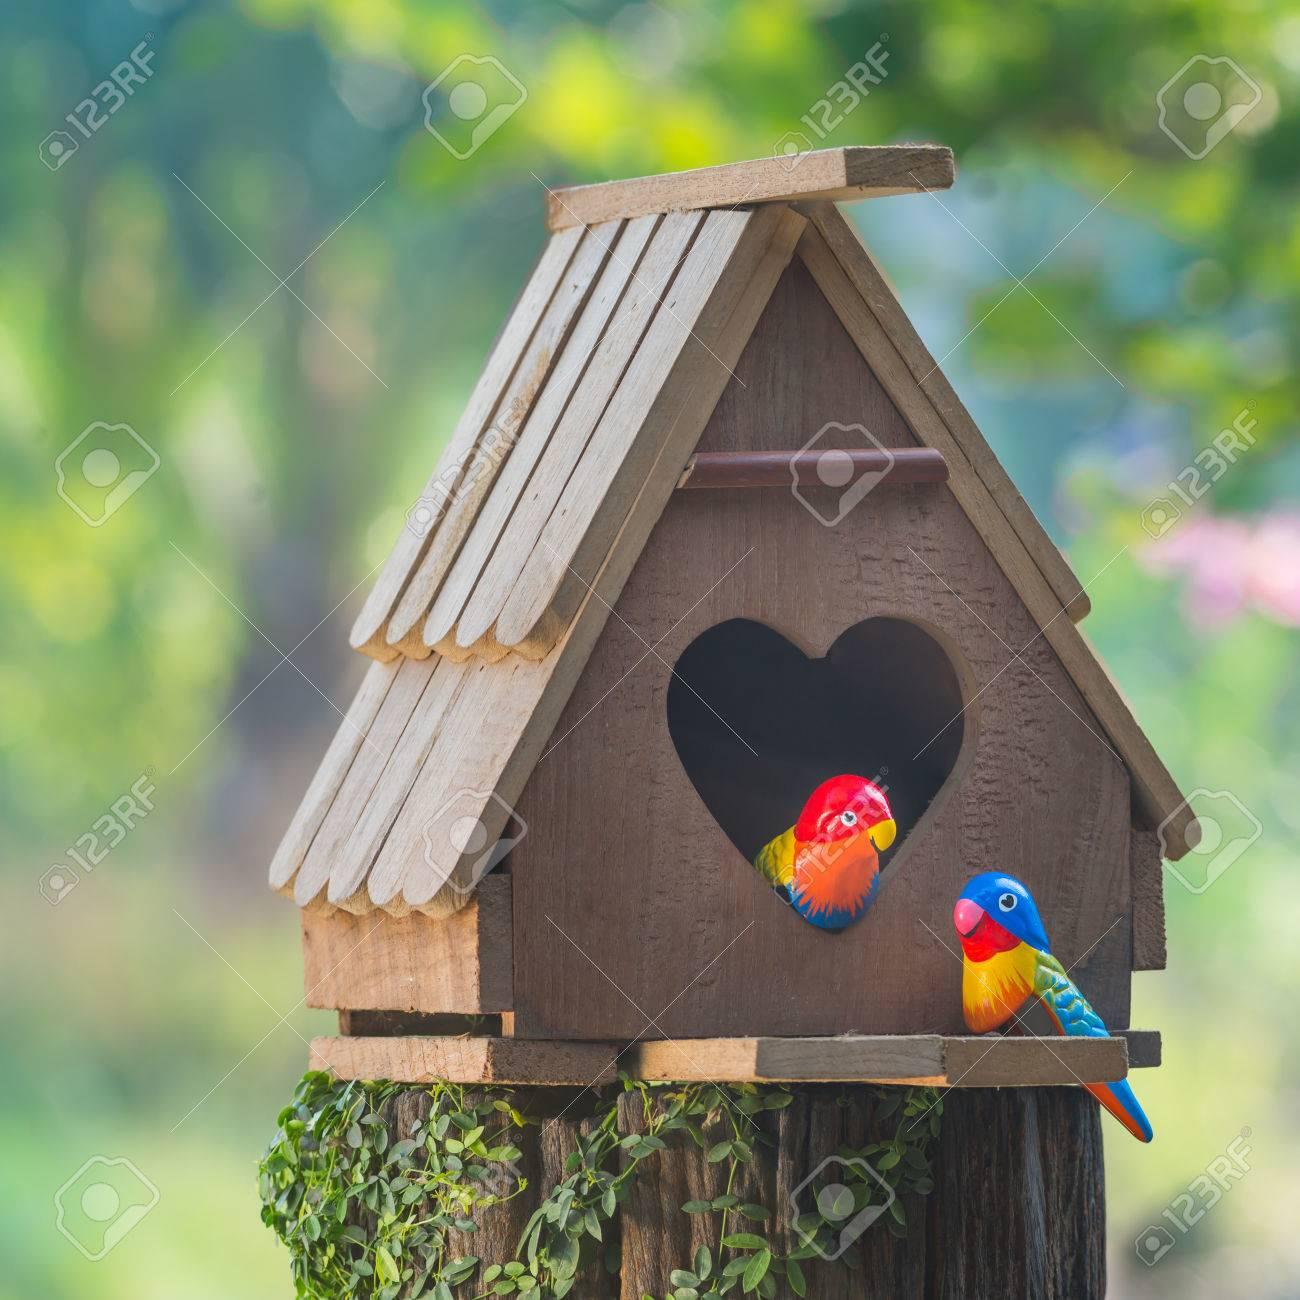 3e62039351793 Casa para pájaros tiene una entrada en forma de corazón y dos aves de amor  hecha